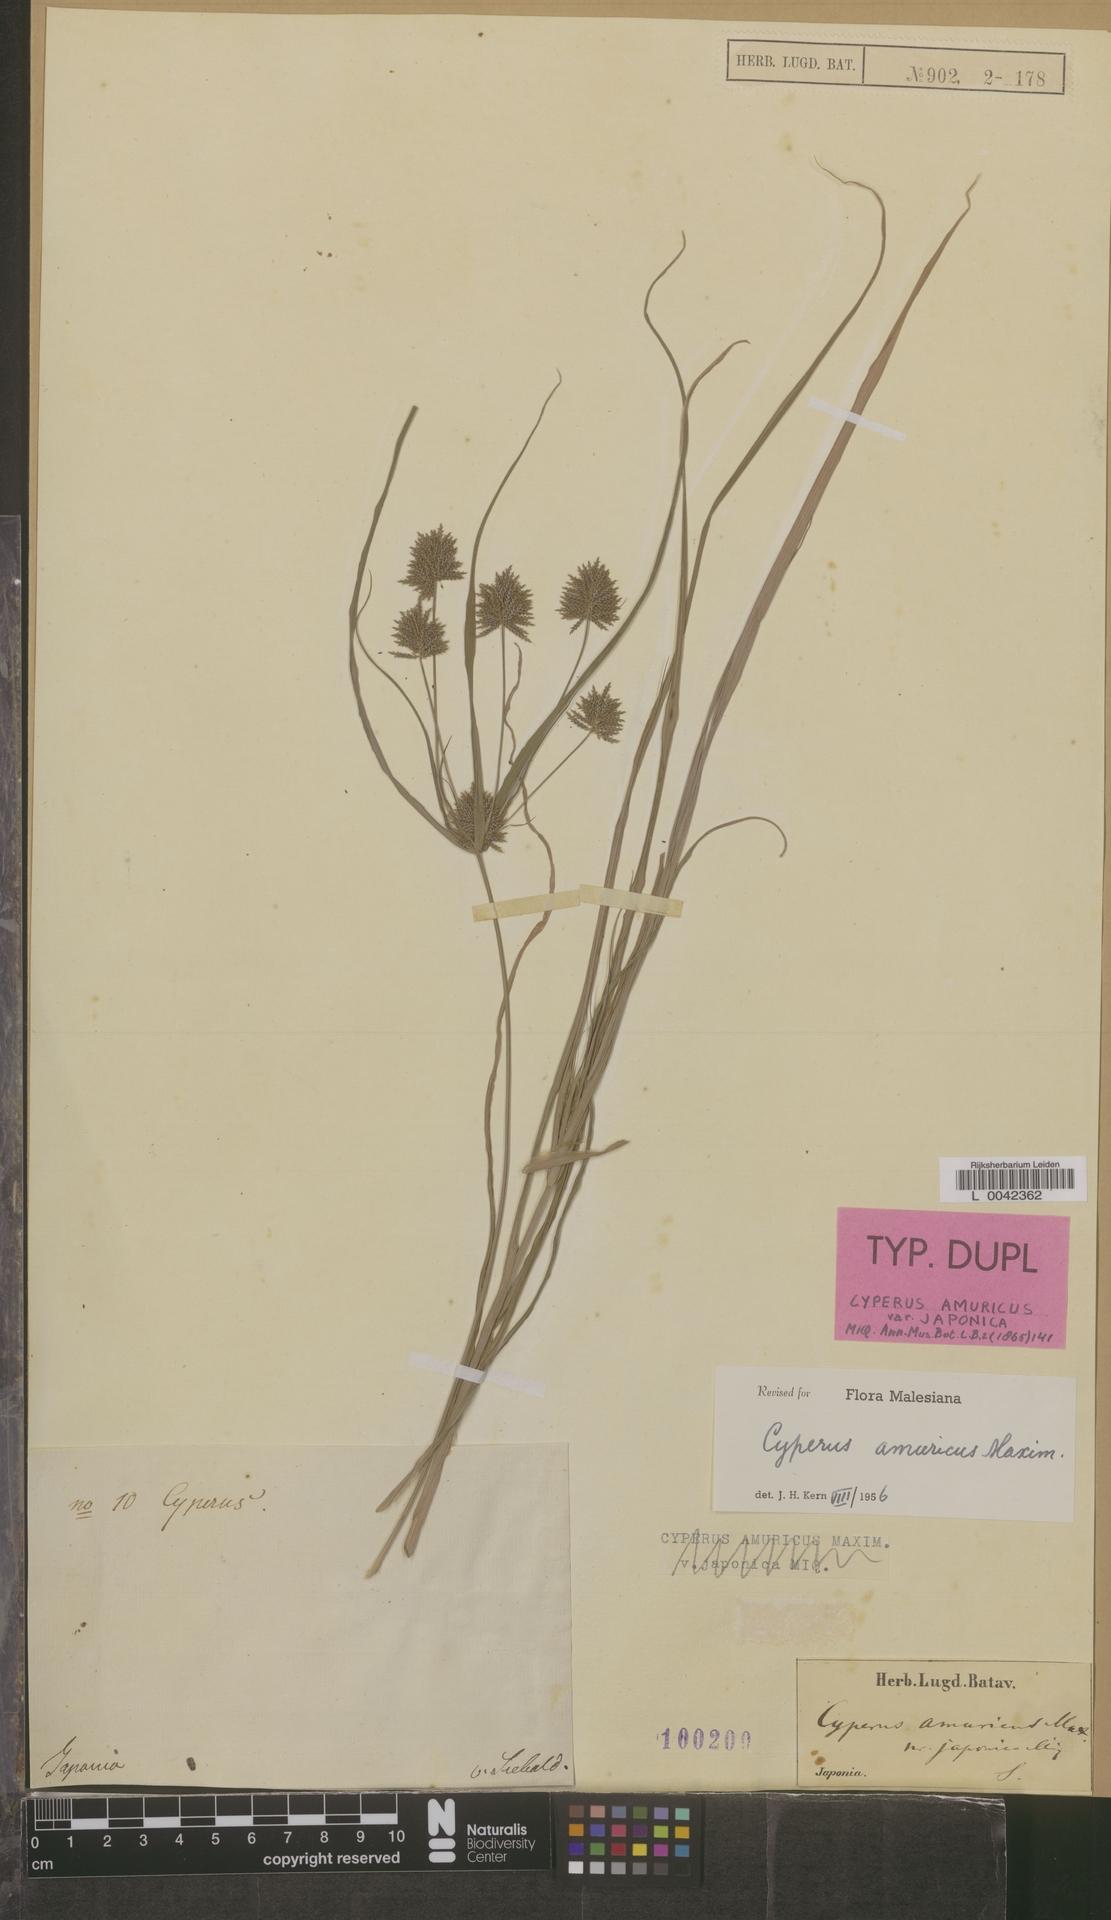 L  0042362 | Cyperus amuricus Maxim.